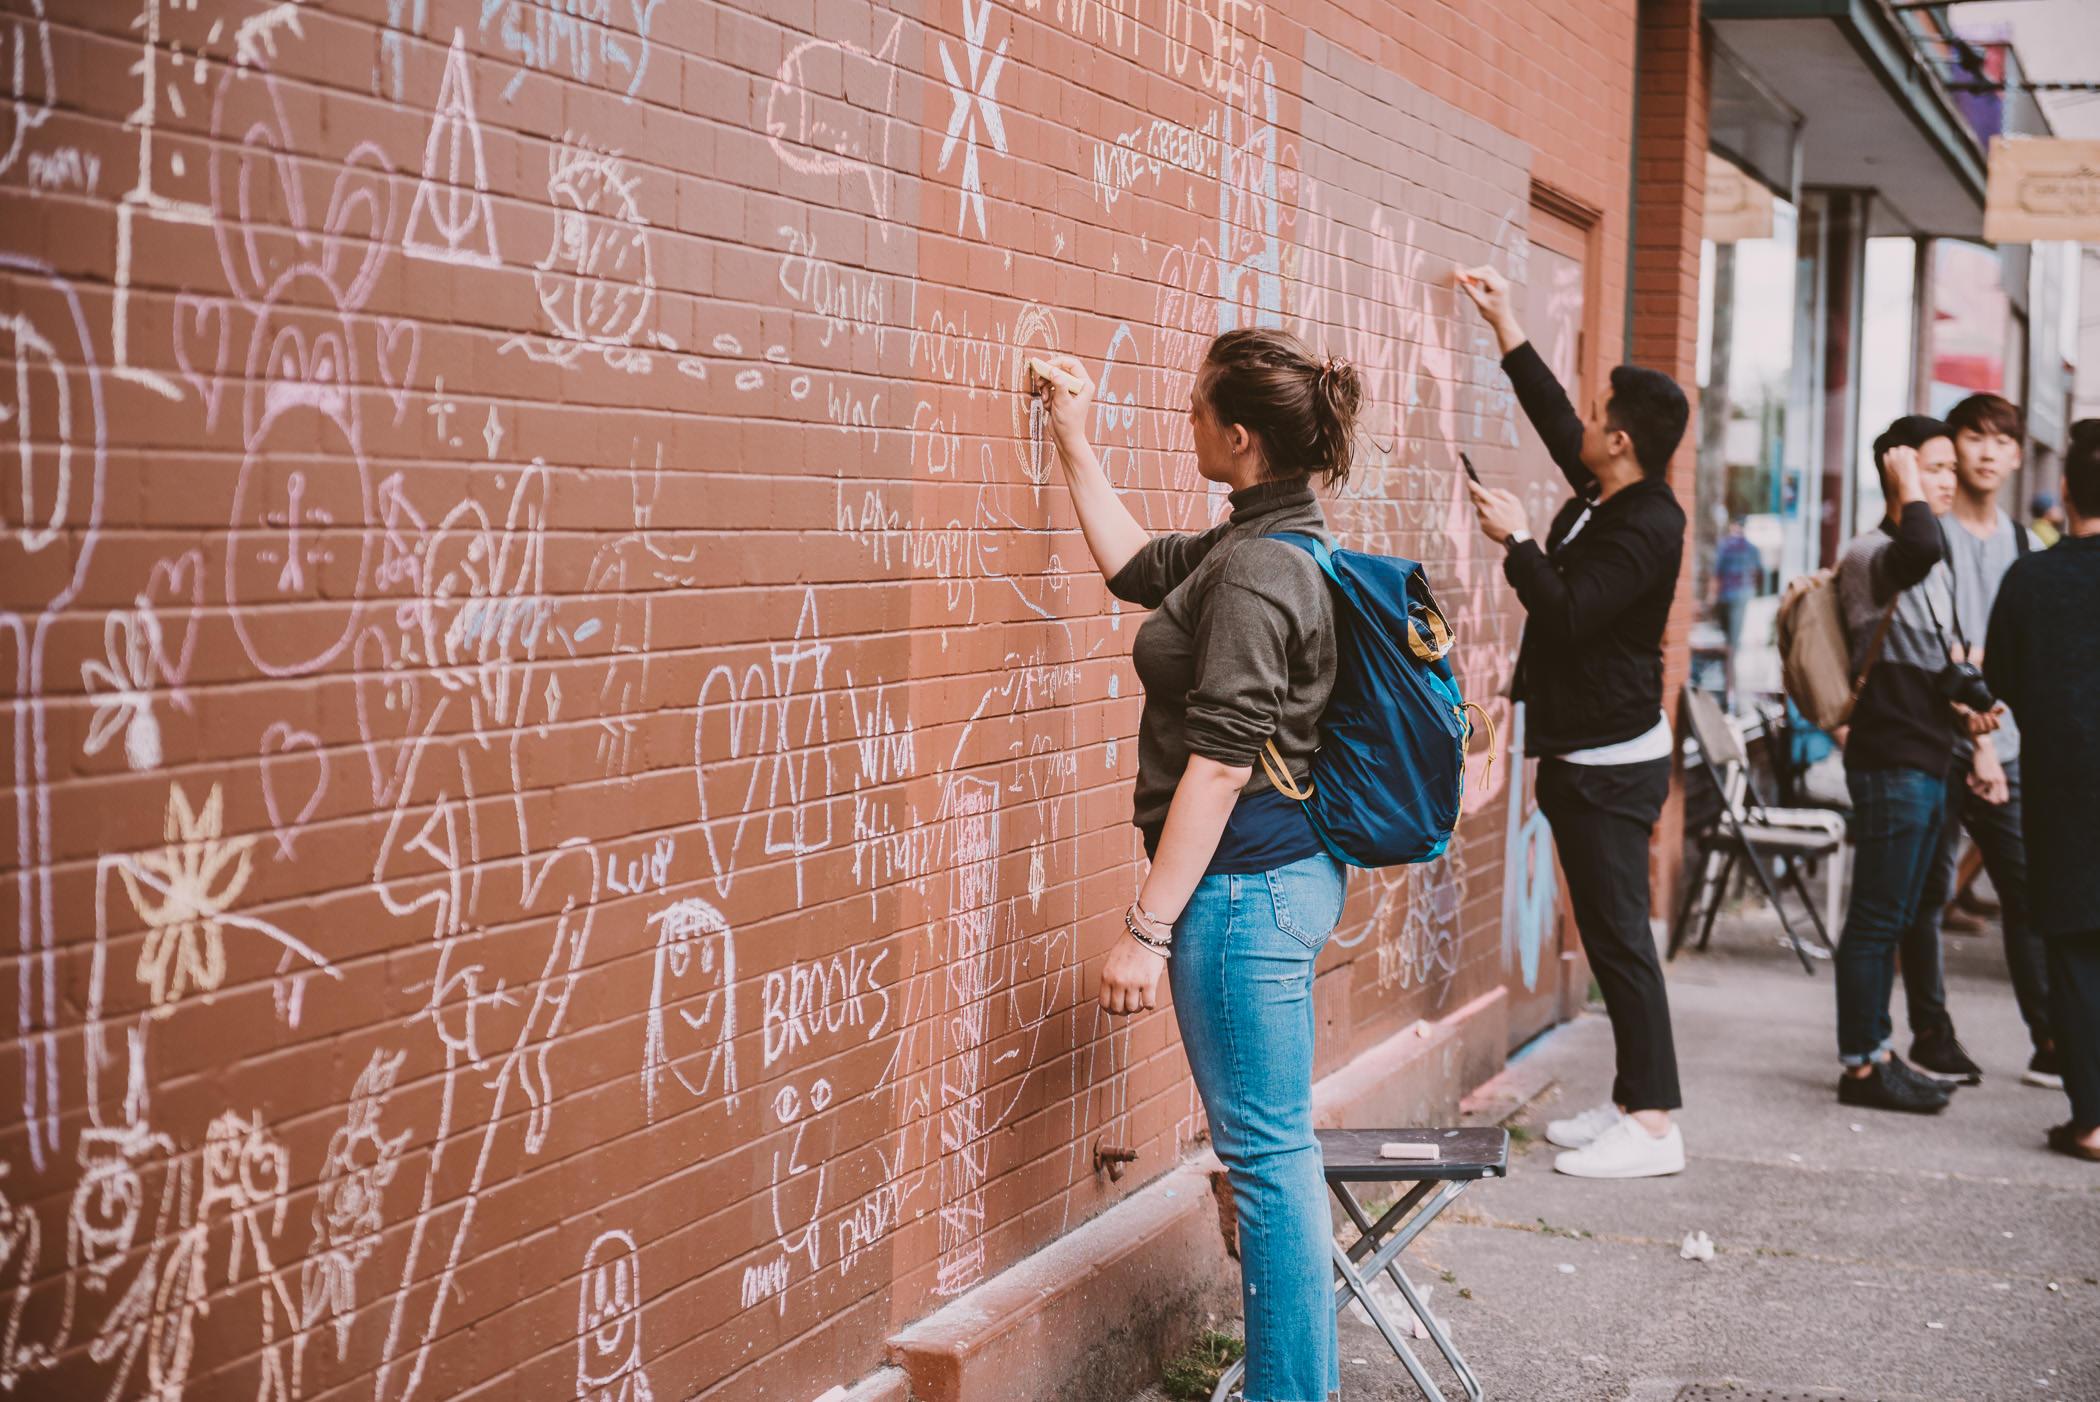 Vancouver_Mural_Fest-Do604-Timothy_Nguyen-20180811-48.jpg